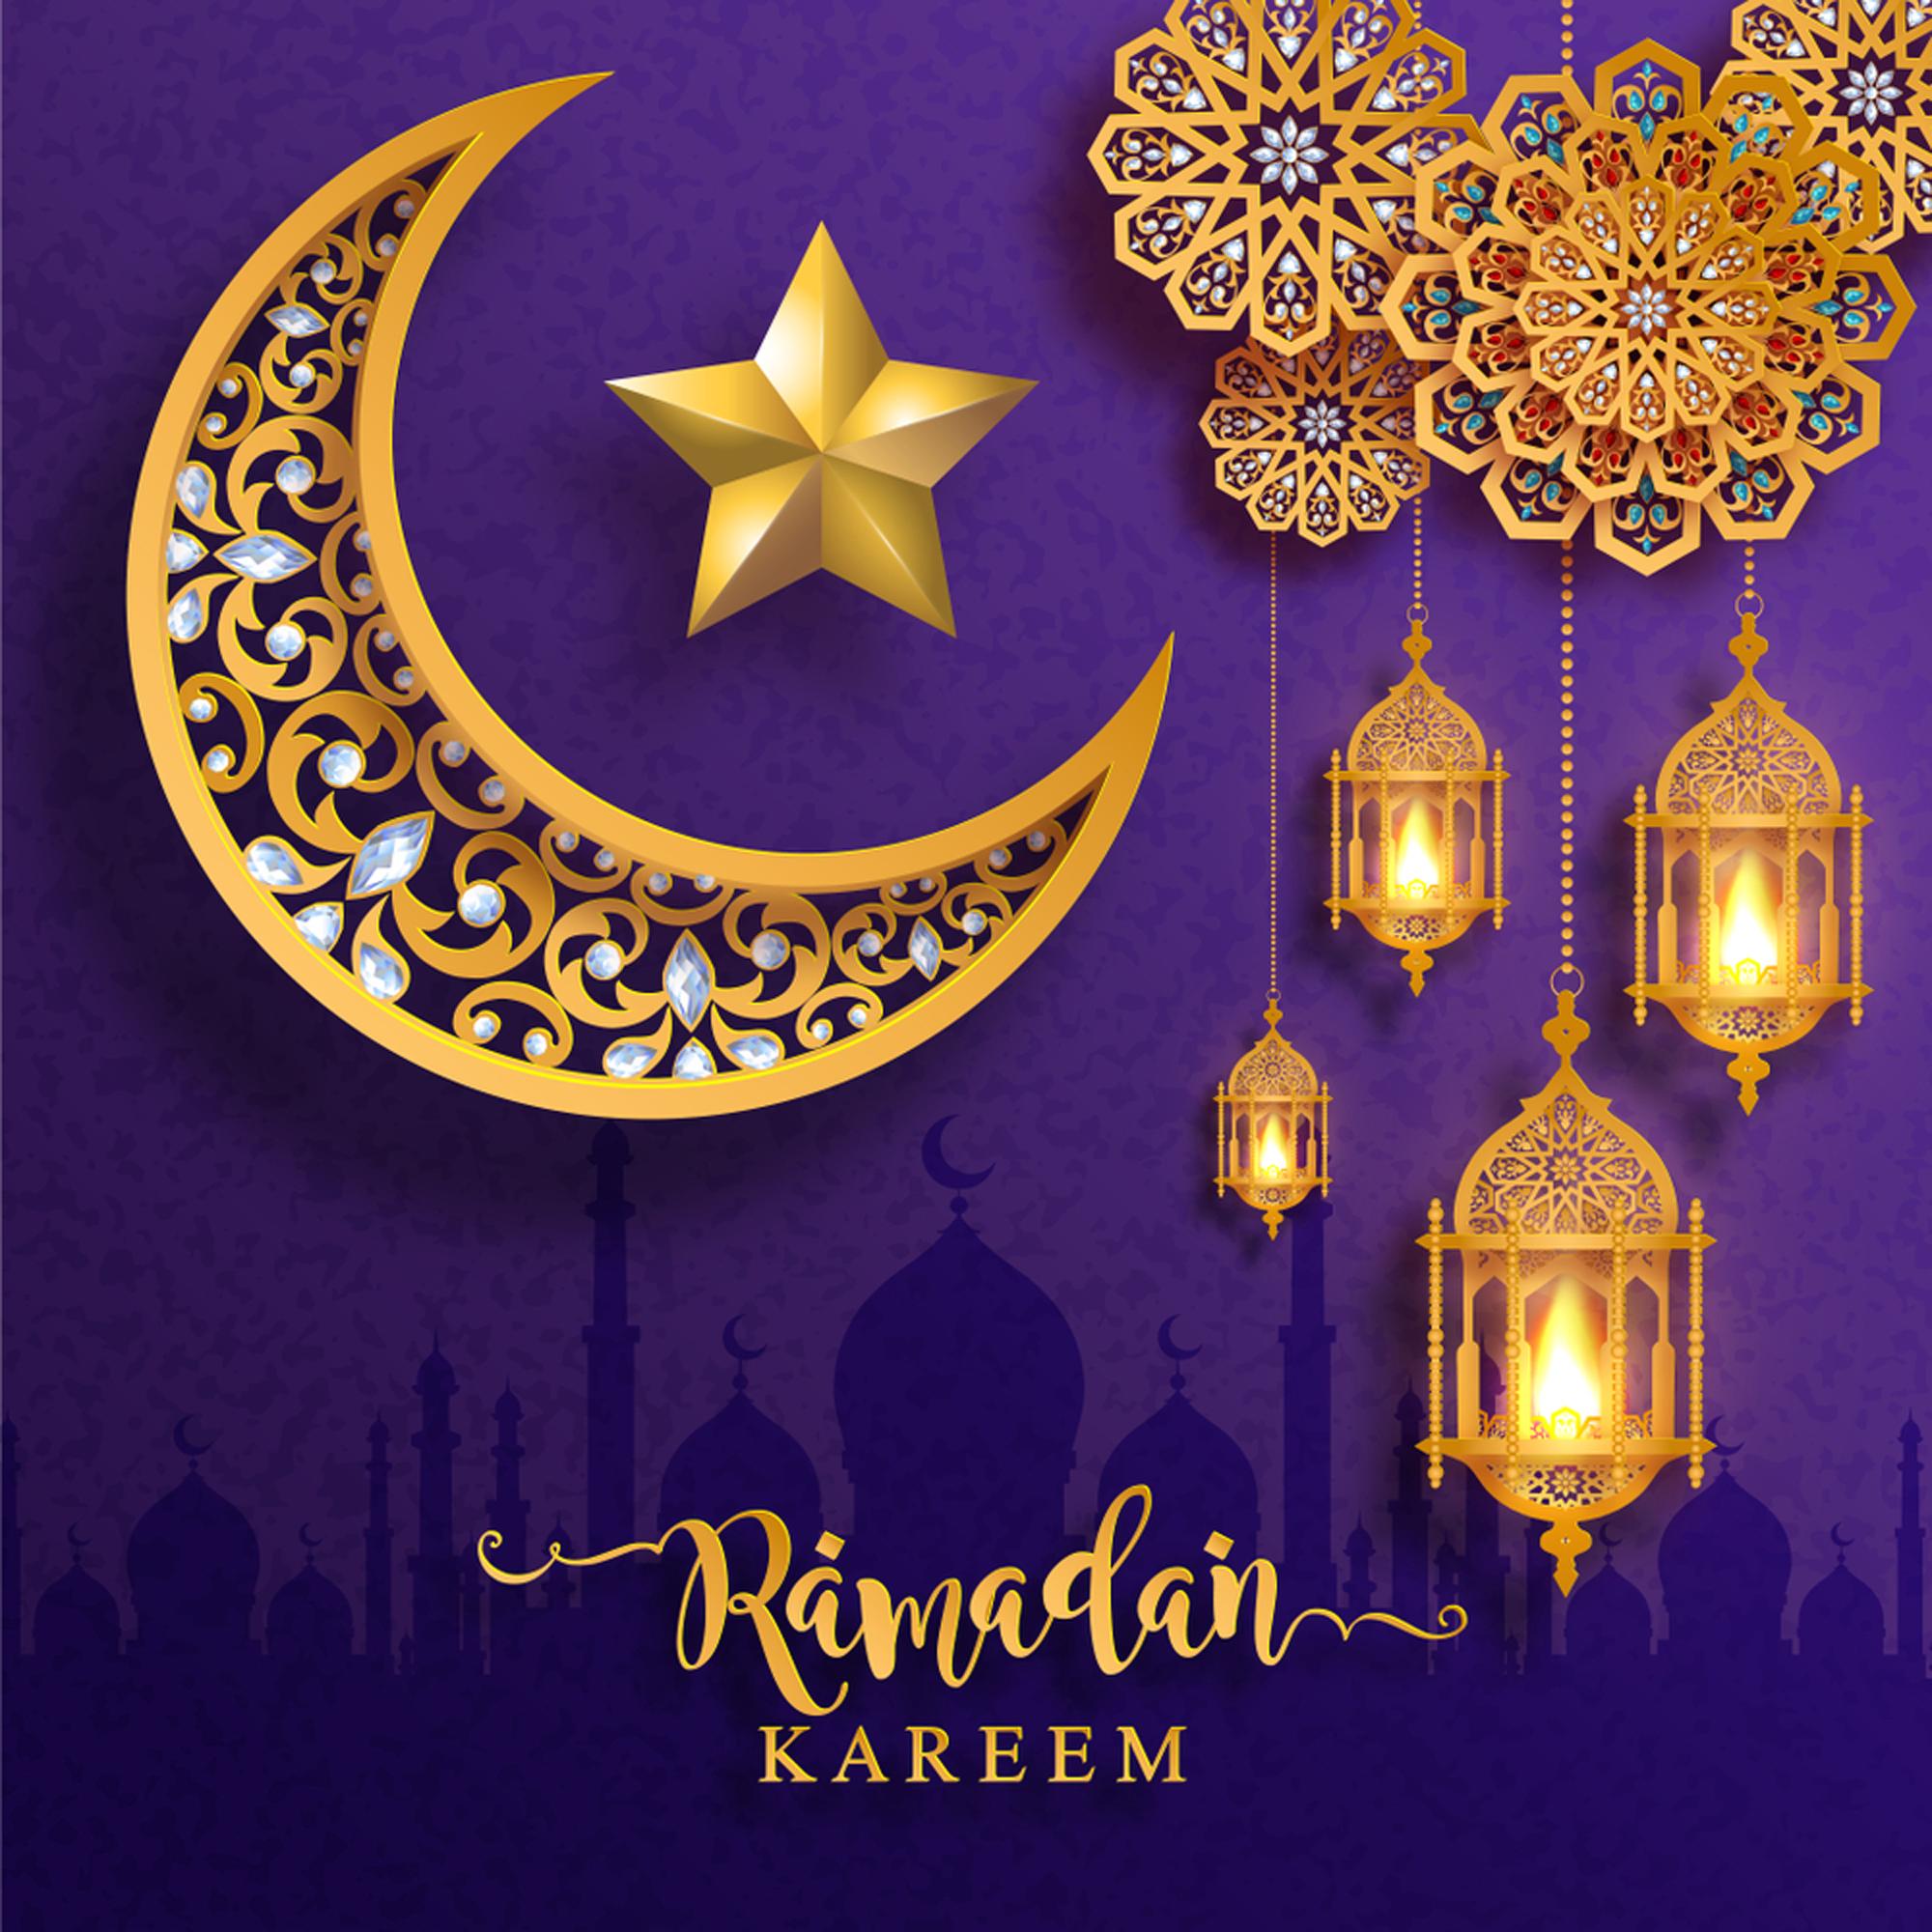 Ramadan Kareem Ramadan Wishes Ramadan Mubarak Wallpapers Ramadan Greetings